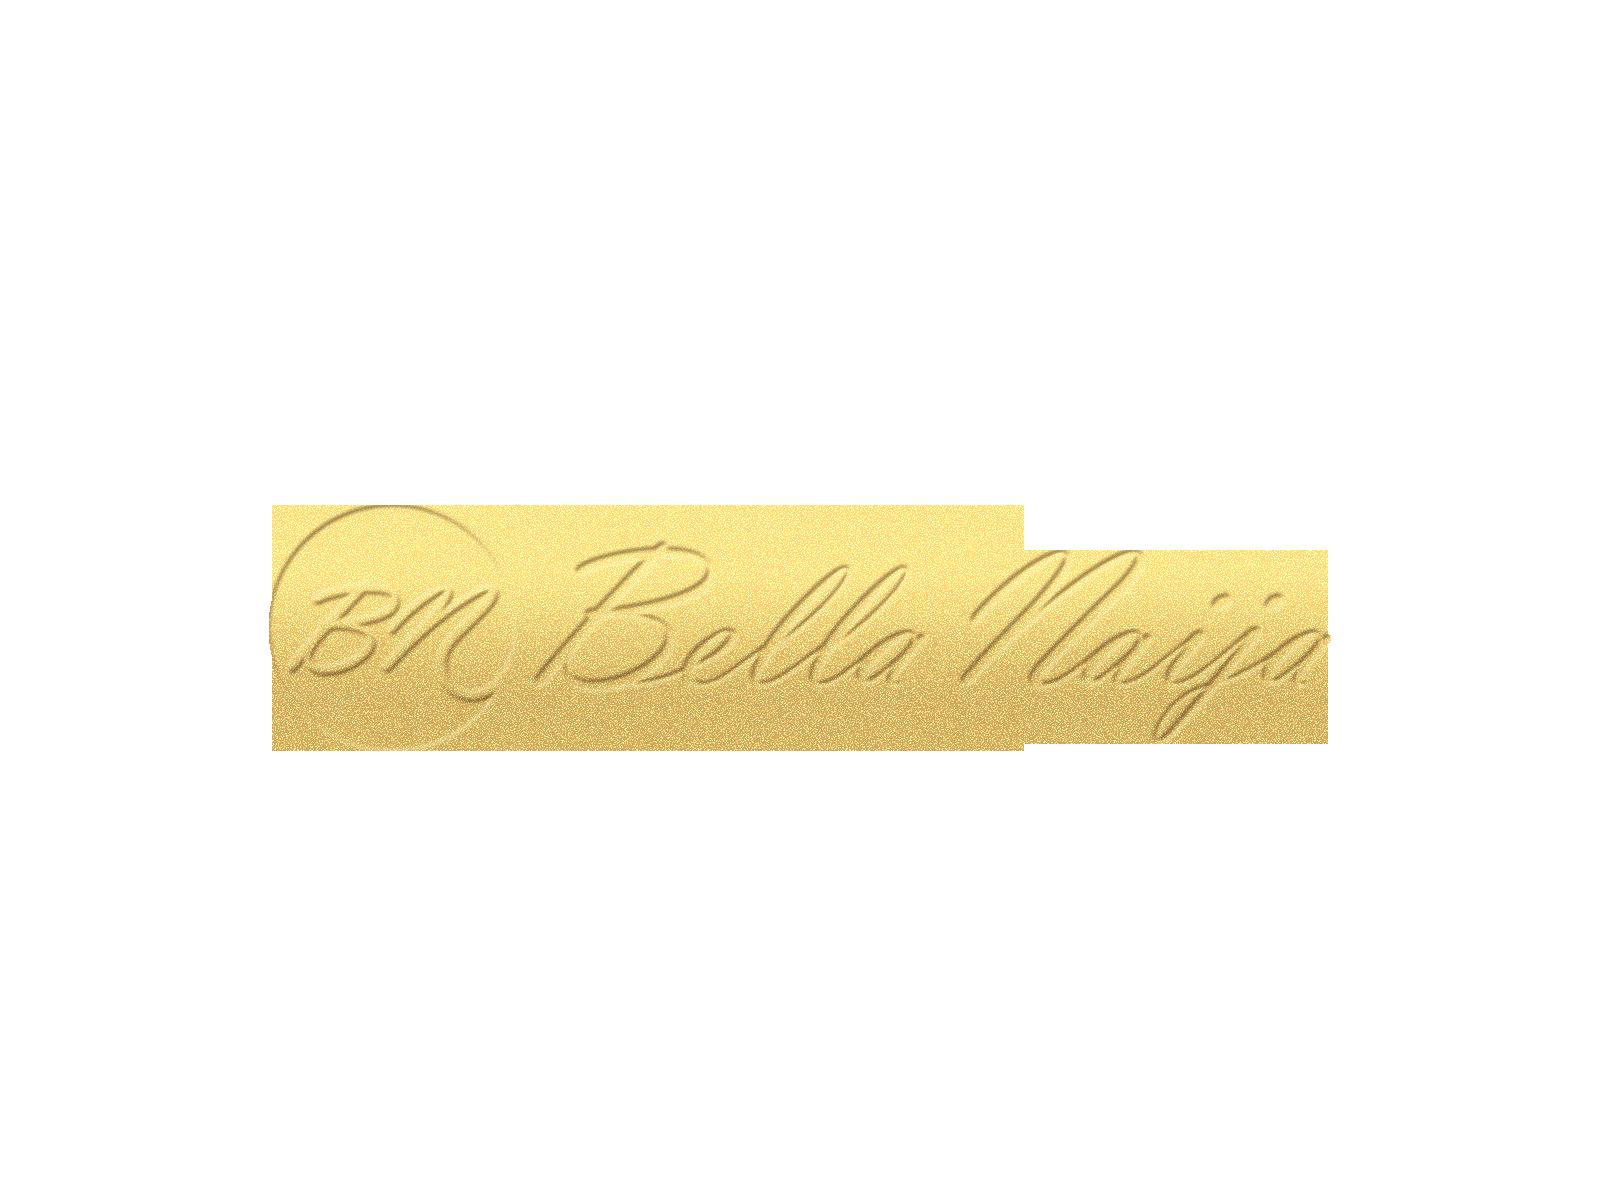 new-bn-logo-1